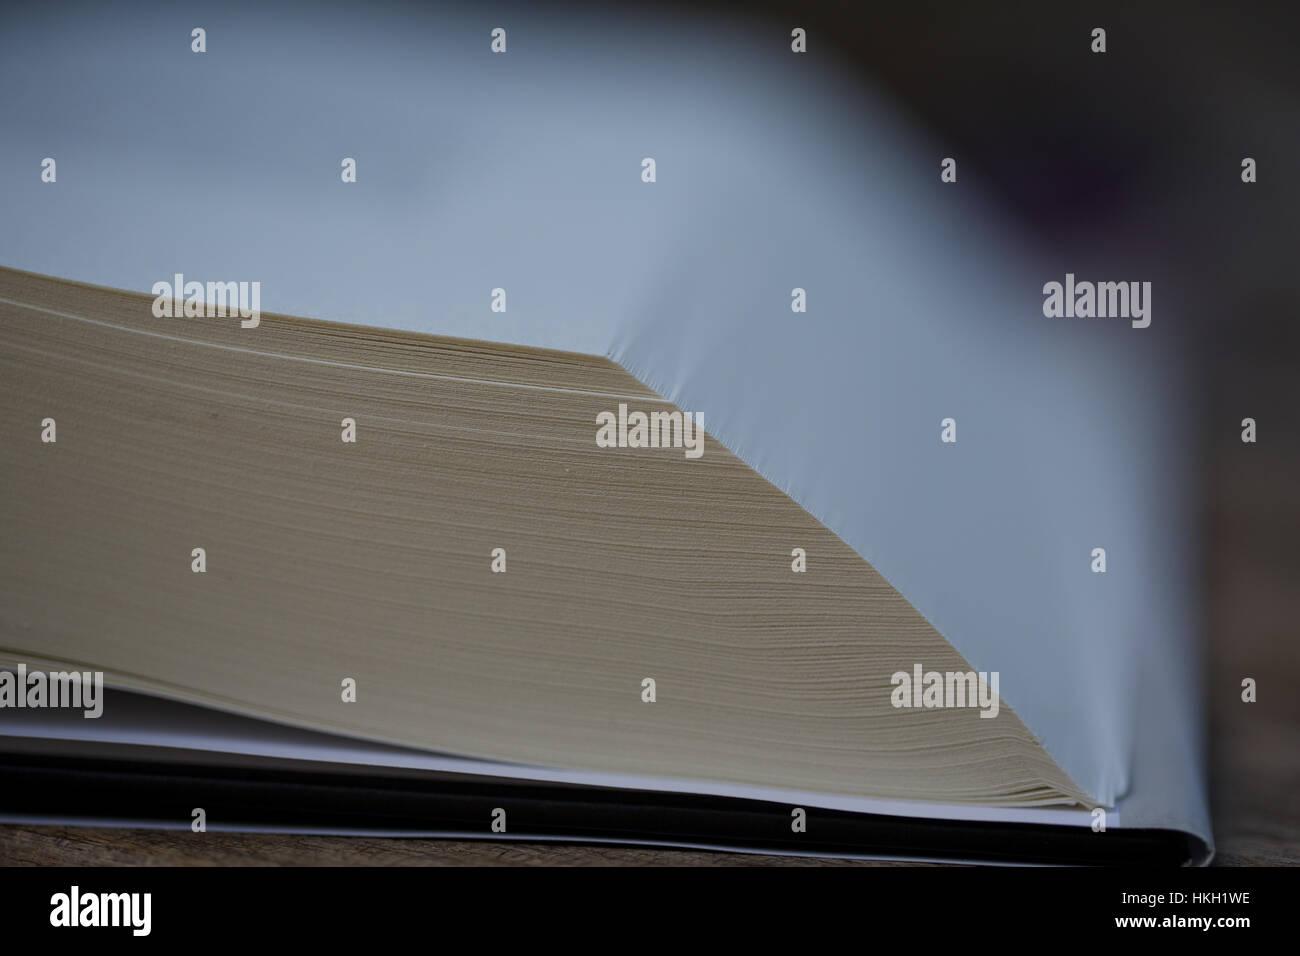 Öffnen Sie Adressbuch. Seite, Lehrbuch, Forschung, Bildung. Stockbild